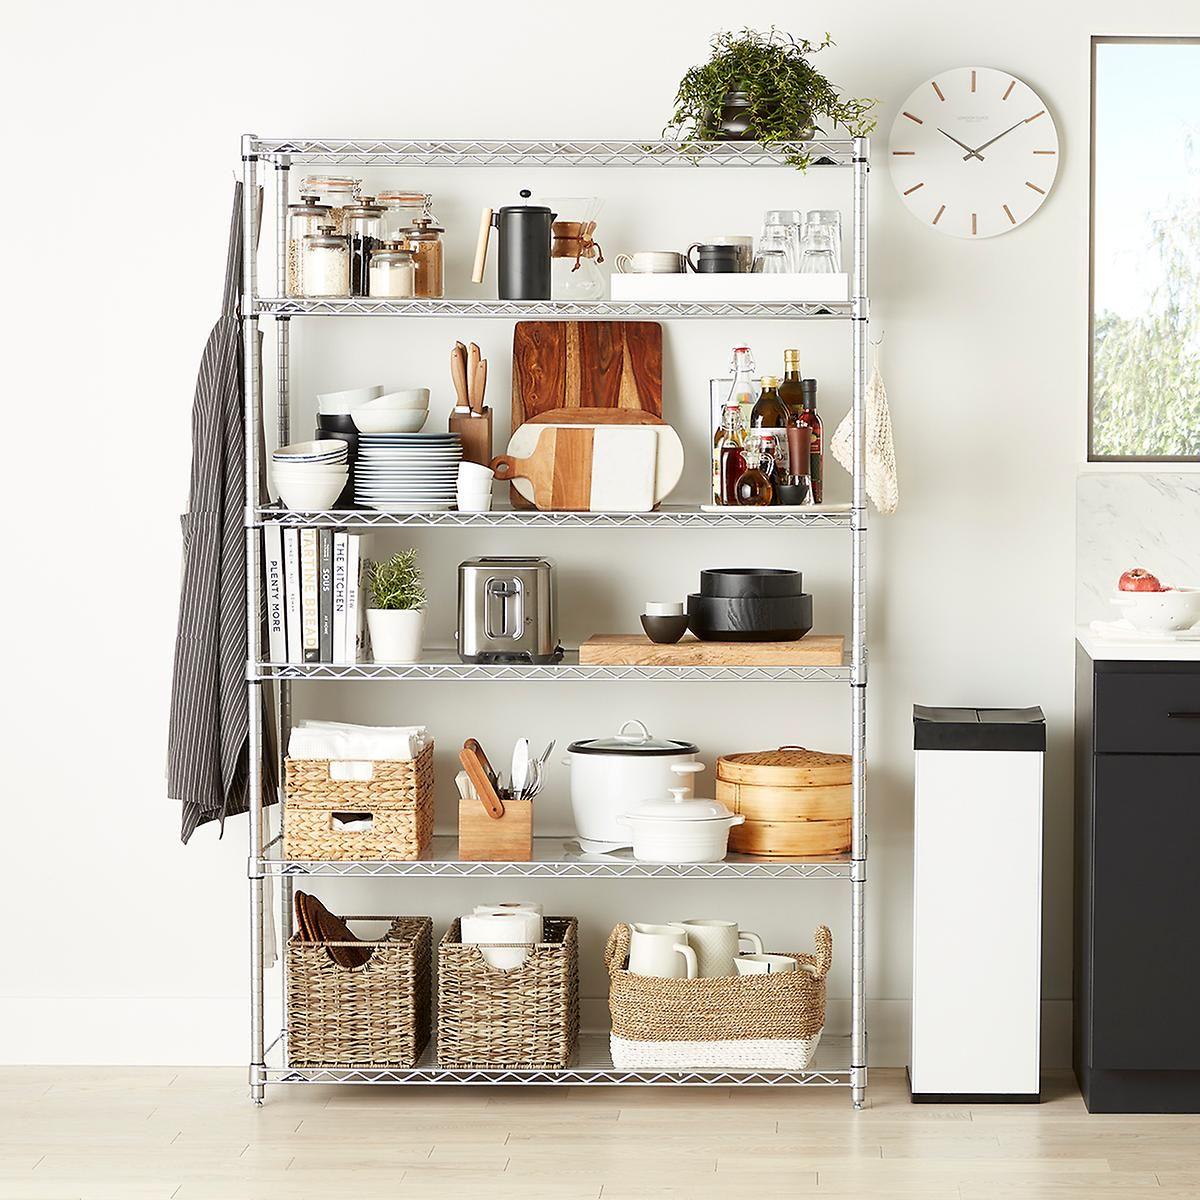 Intermetro 6 Shelf Solution No Pantry Solutions Shelves Shelving